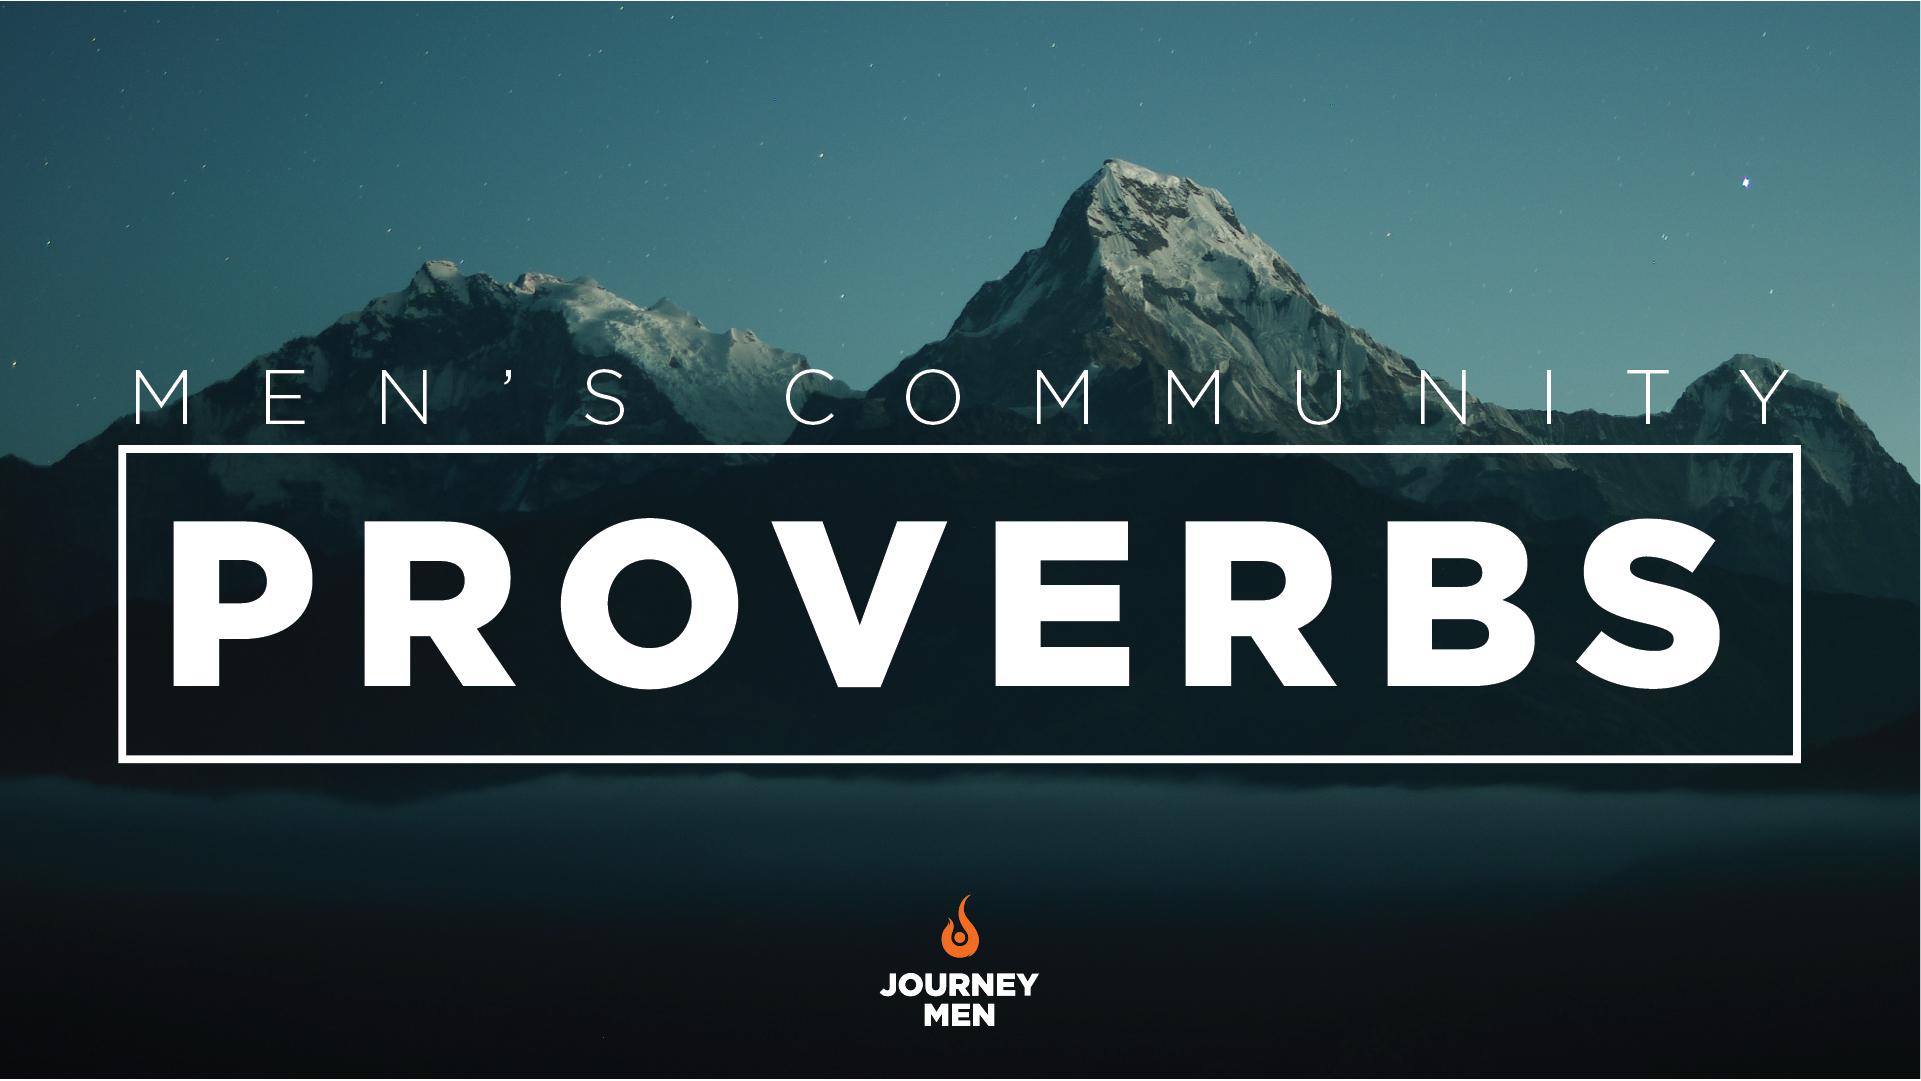 JM_Proverbs-final-02.jpg